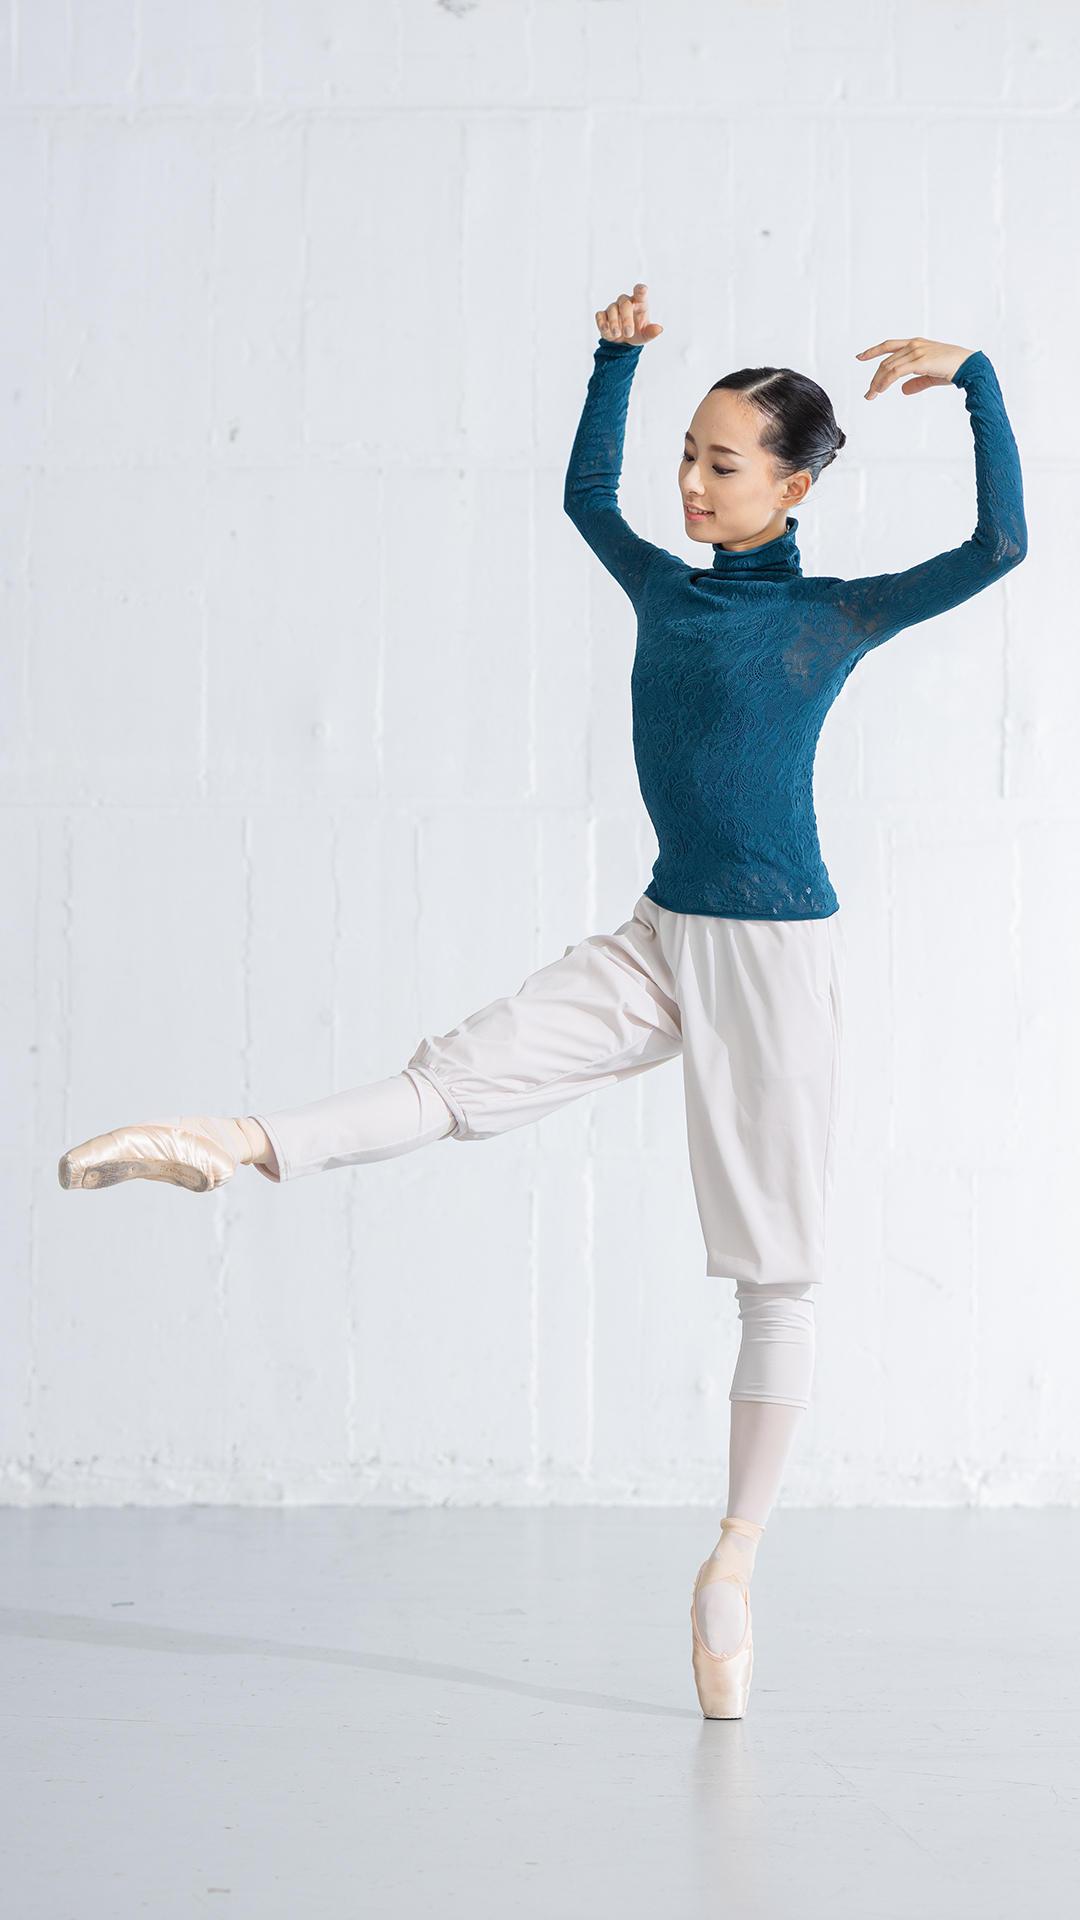 ladies_ballet_21.jpg